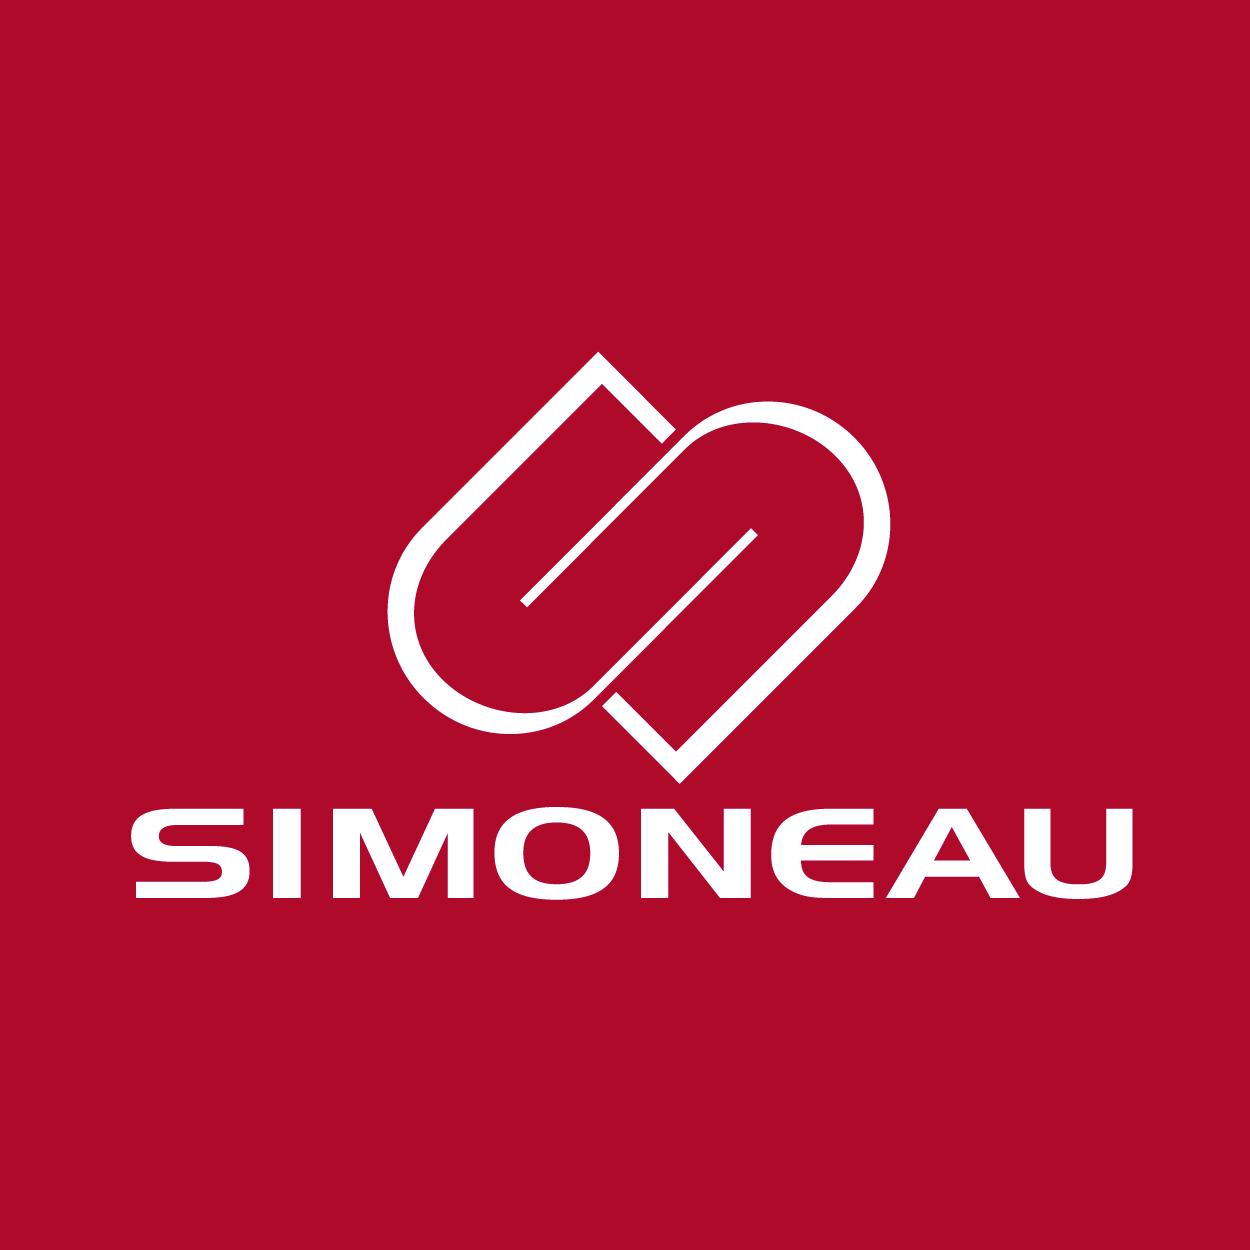 Simoneau-bloc rouge